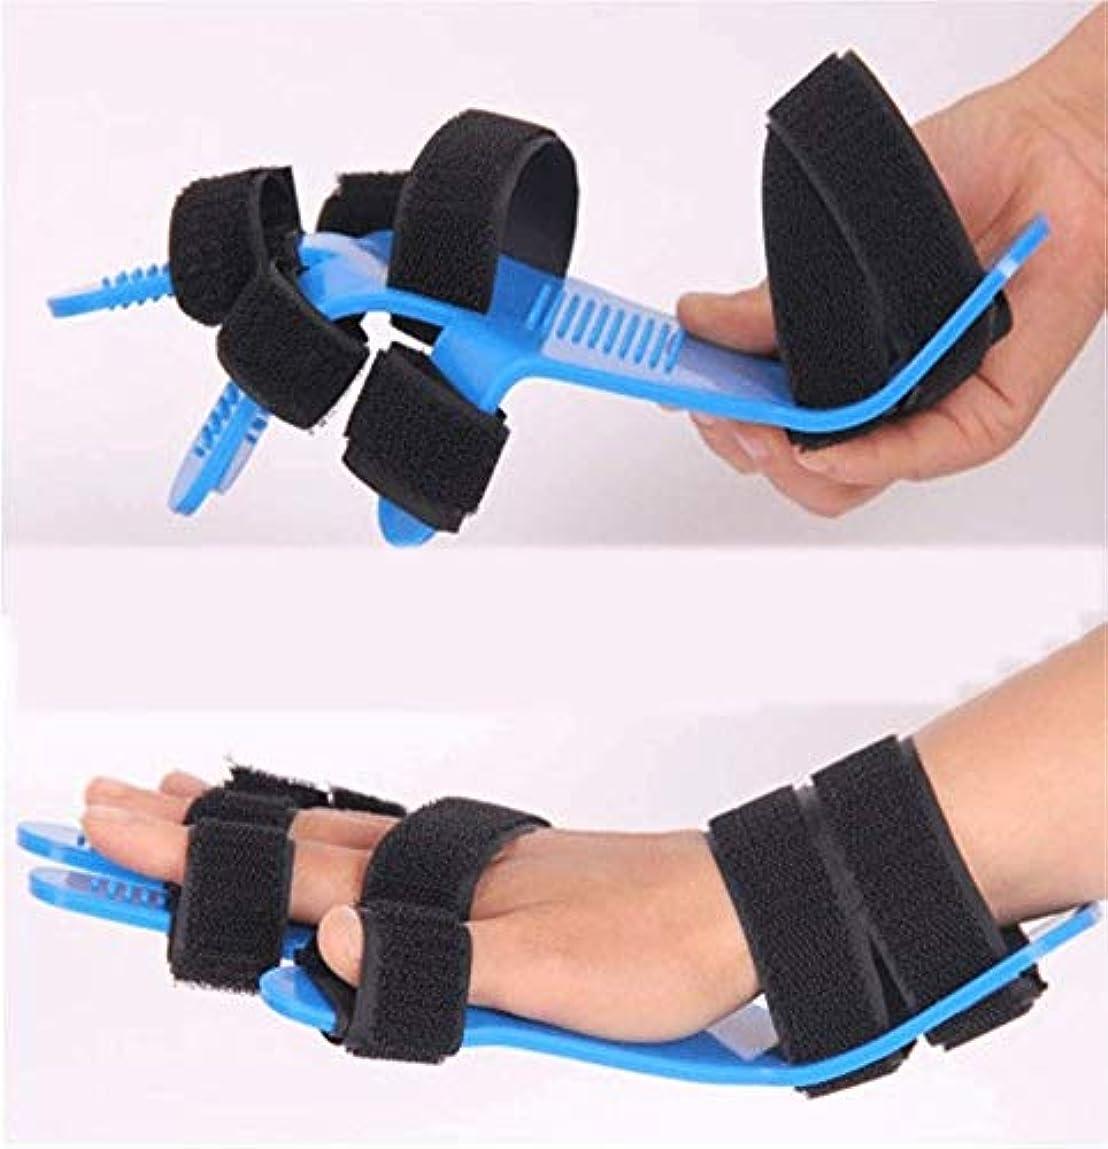 平行足音びっくりした拡張スプリントフィンガーセパレーターインソール、ばね指スプリント、指の骨折、傷、術後ケアと痛みレリーフ可鍛性ハンドスプリント指のサポートを指